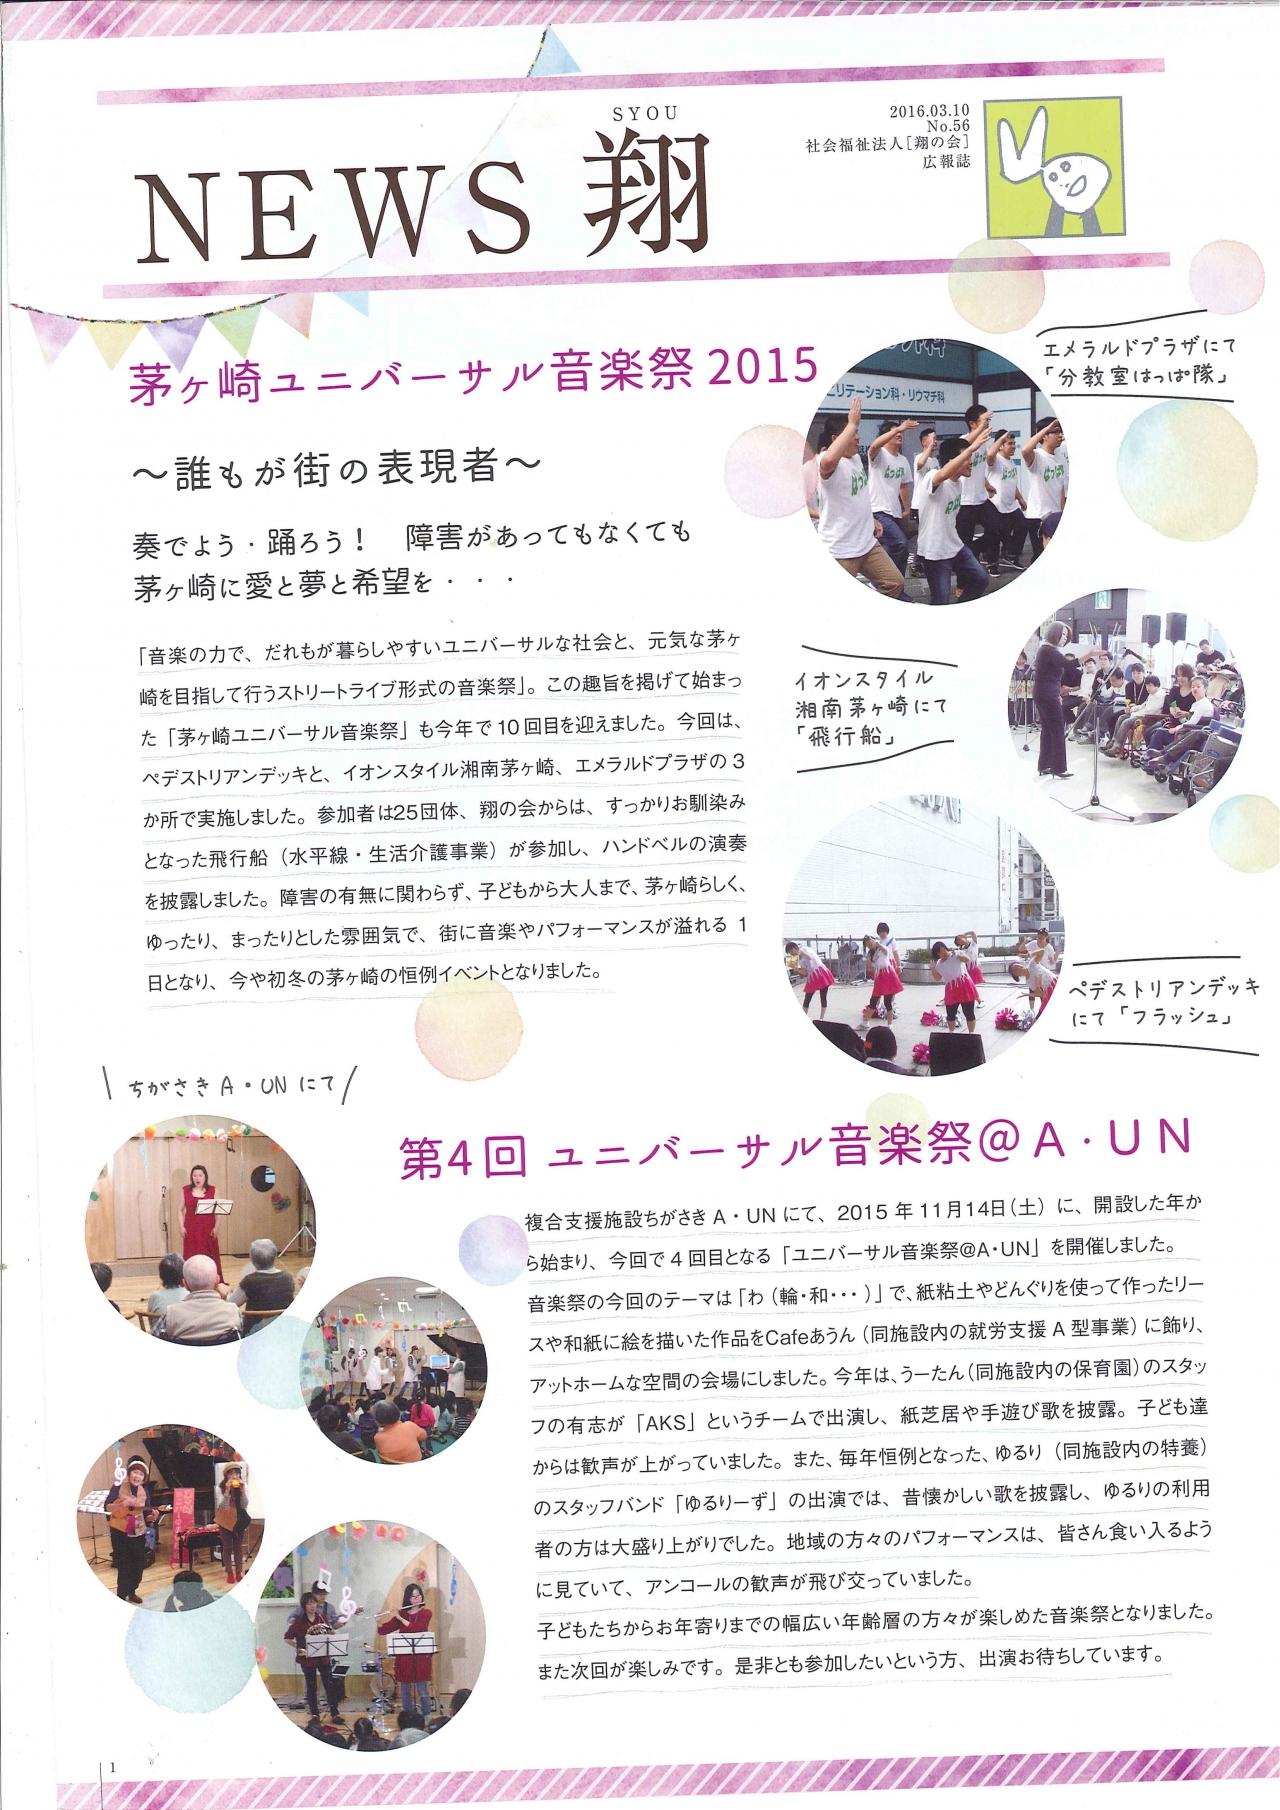 広報誌「NEWS翔」56号